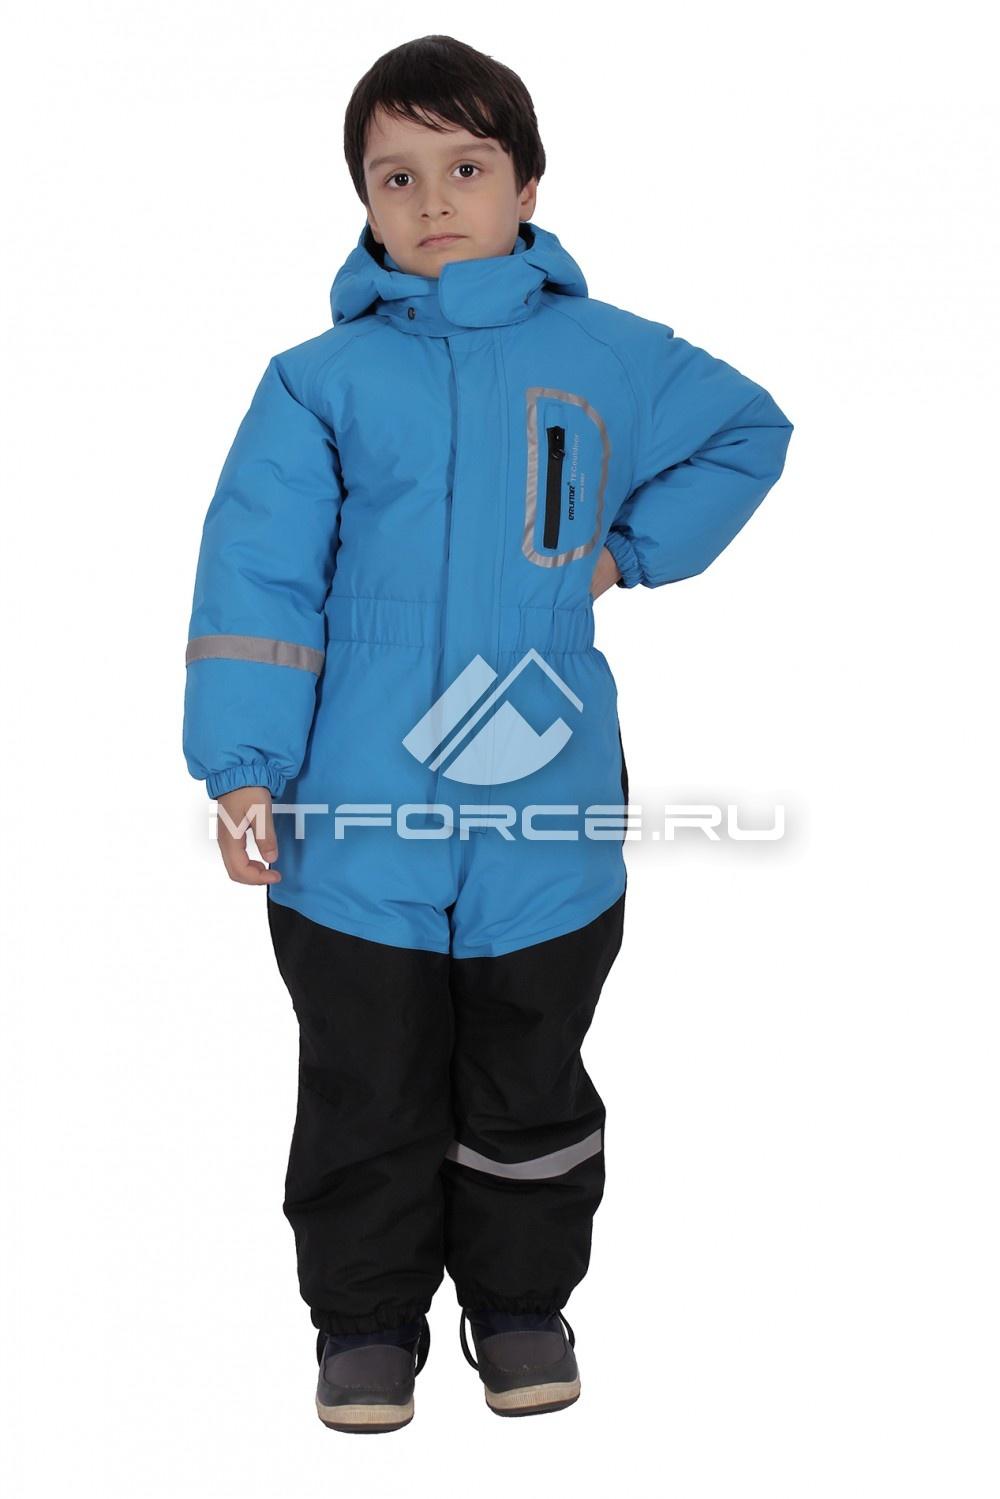 Купить                                  оптом Комбинезон горнолыжный  для мальчика синего  цвета 1998S